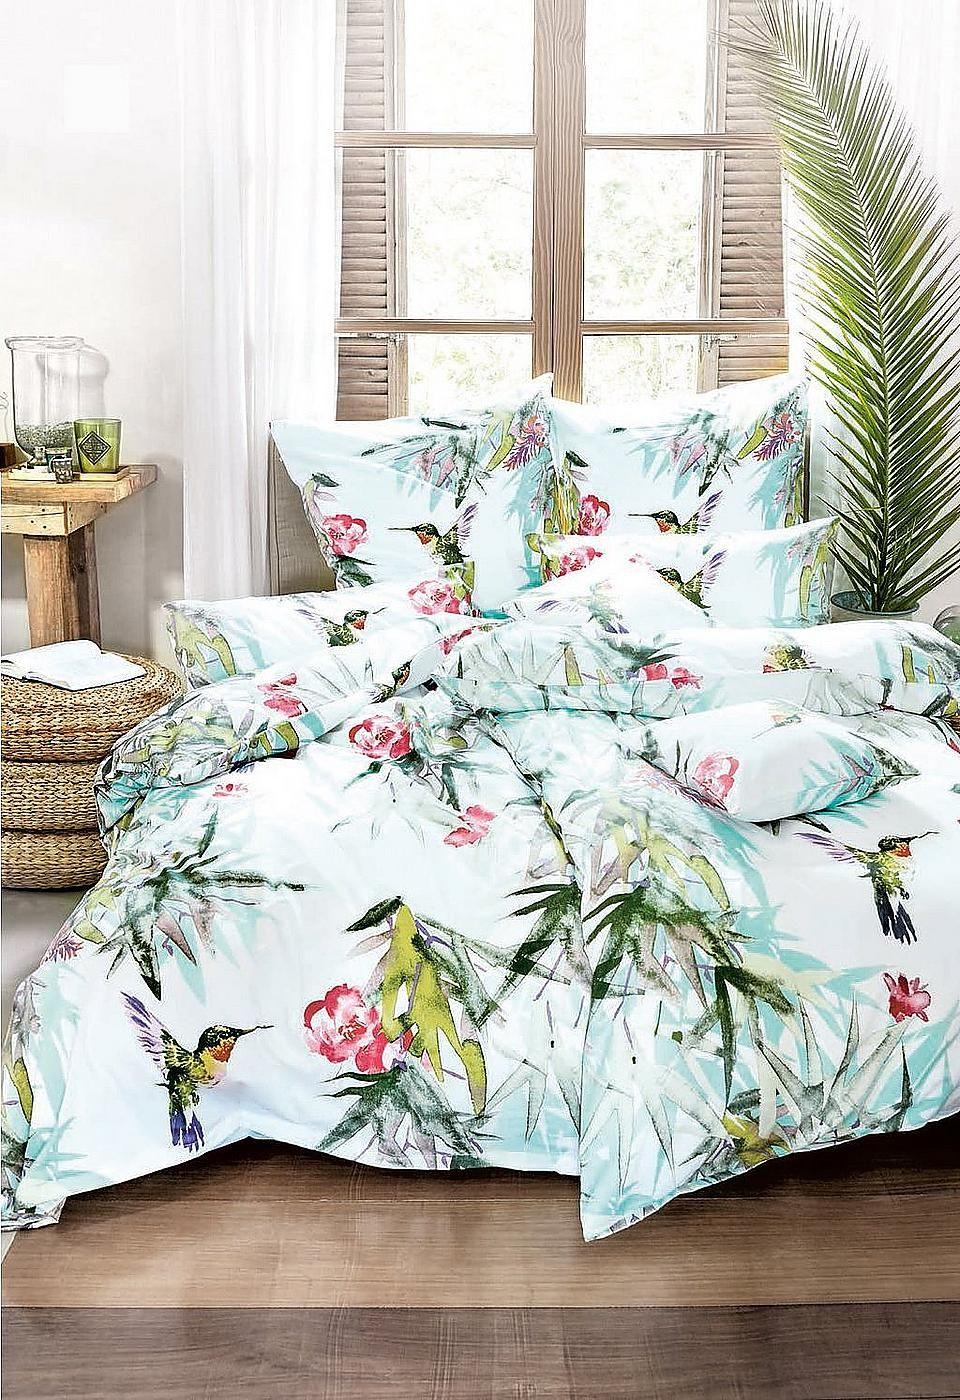 Living Dreams Bettwasche Mako Satin Tropical Auf Rechnung In 2020 Bettwasche Bett Und Tumblr Zimmer